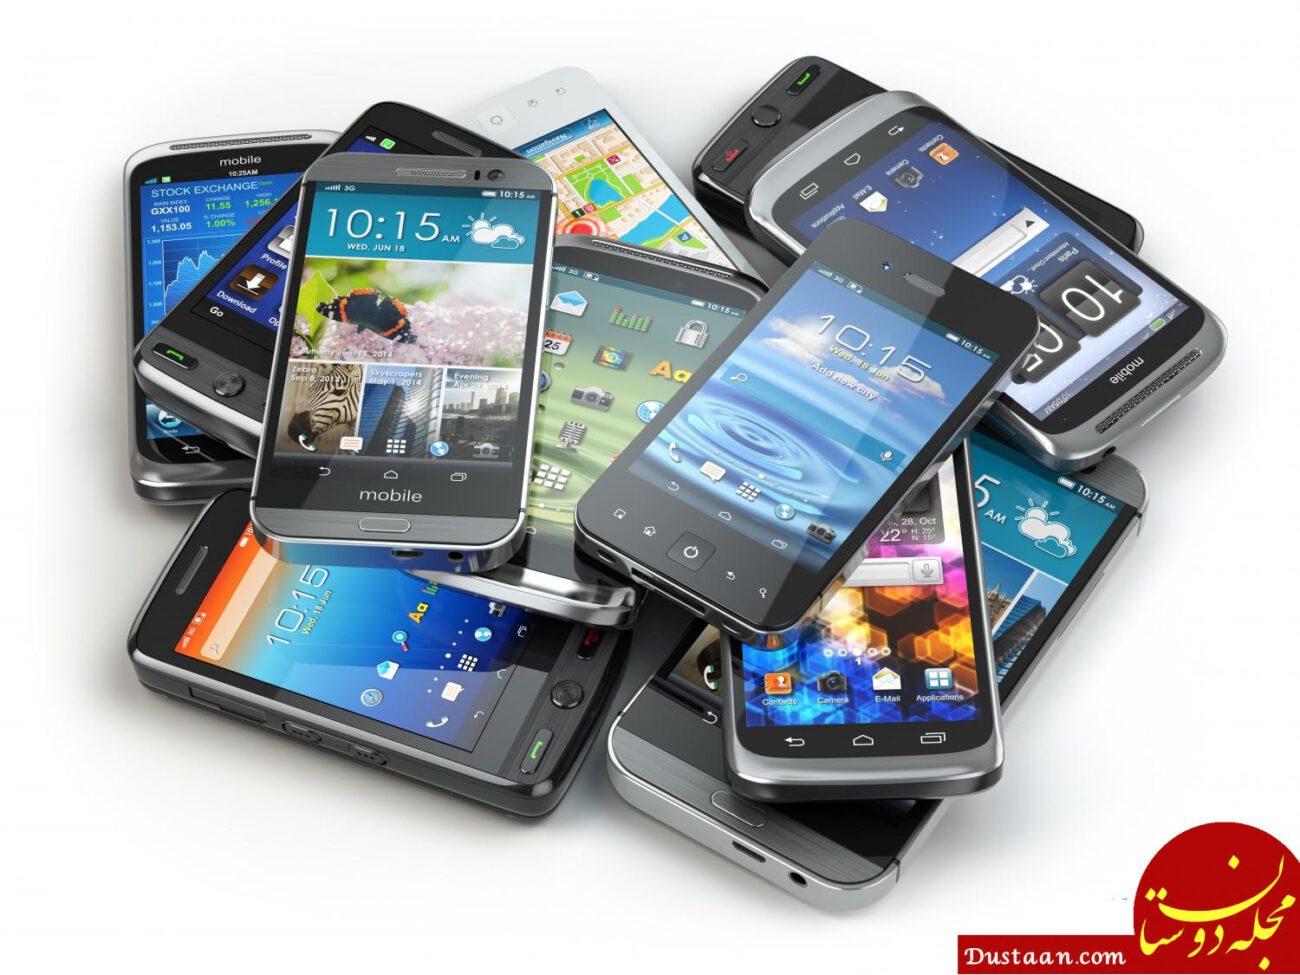 www.dustaan.com چگونه گوشی های سرقتی خود را بیابیم؟